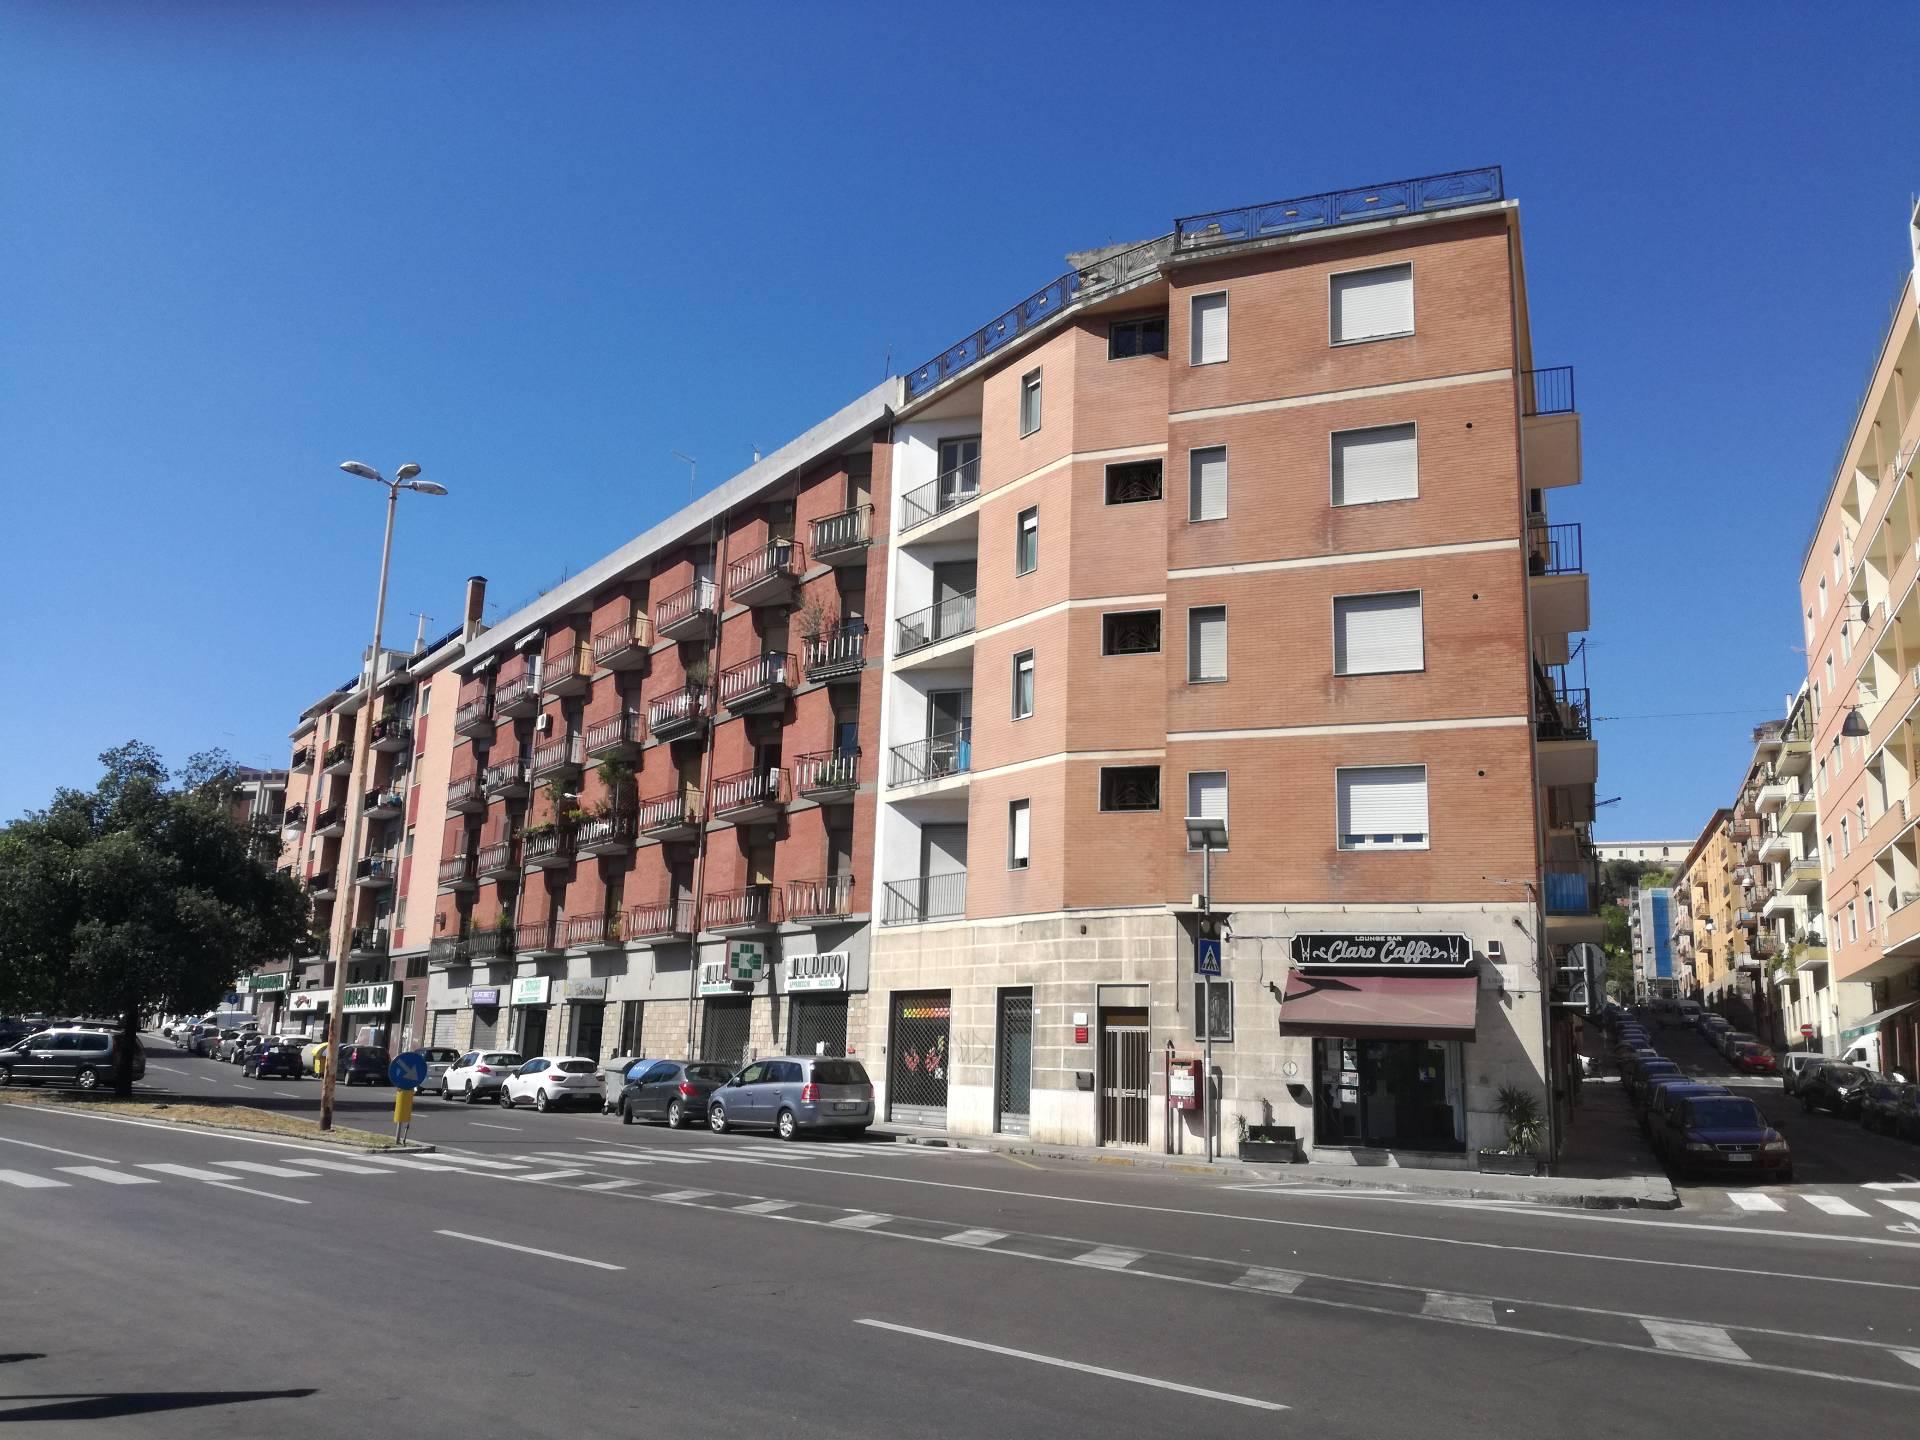 Appartamento in affitto a Cagliari, 2 locali, zona Zona: Villanova, prezzo € 420 | Cambio Casa.it